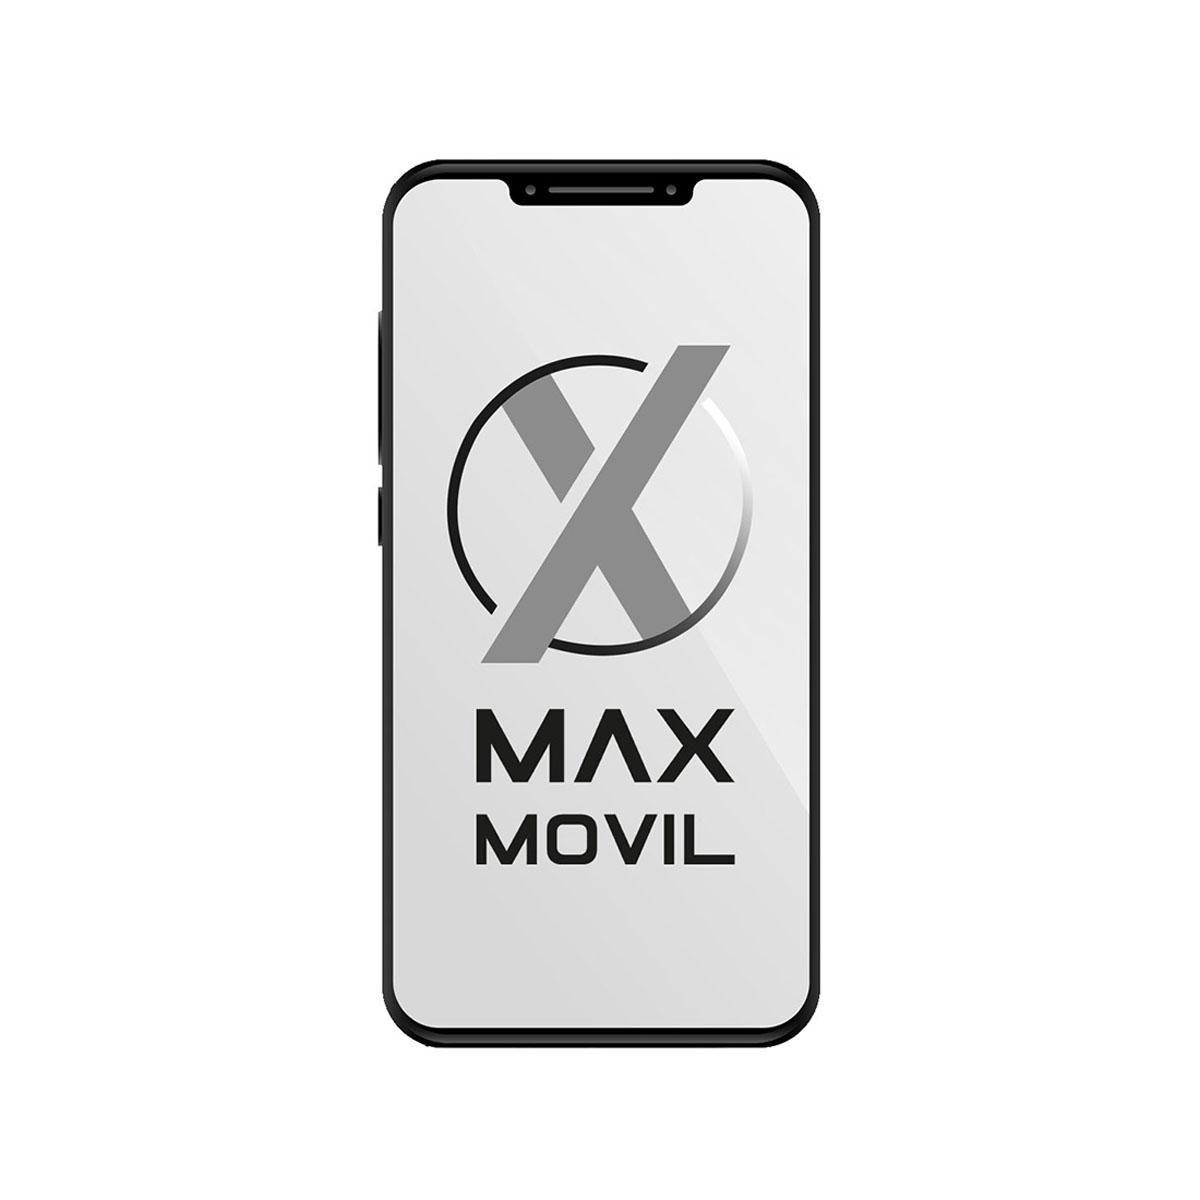 Samsung Galaxy J7 2016 Oro Single SIM libre en MAXmovil